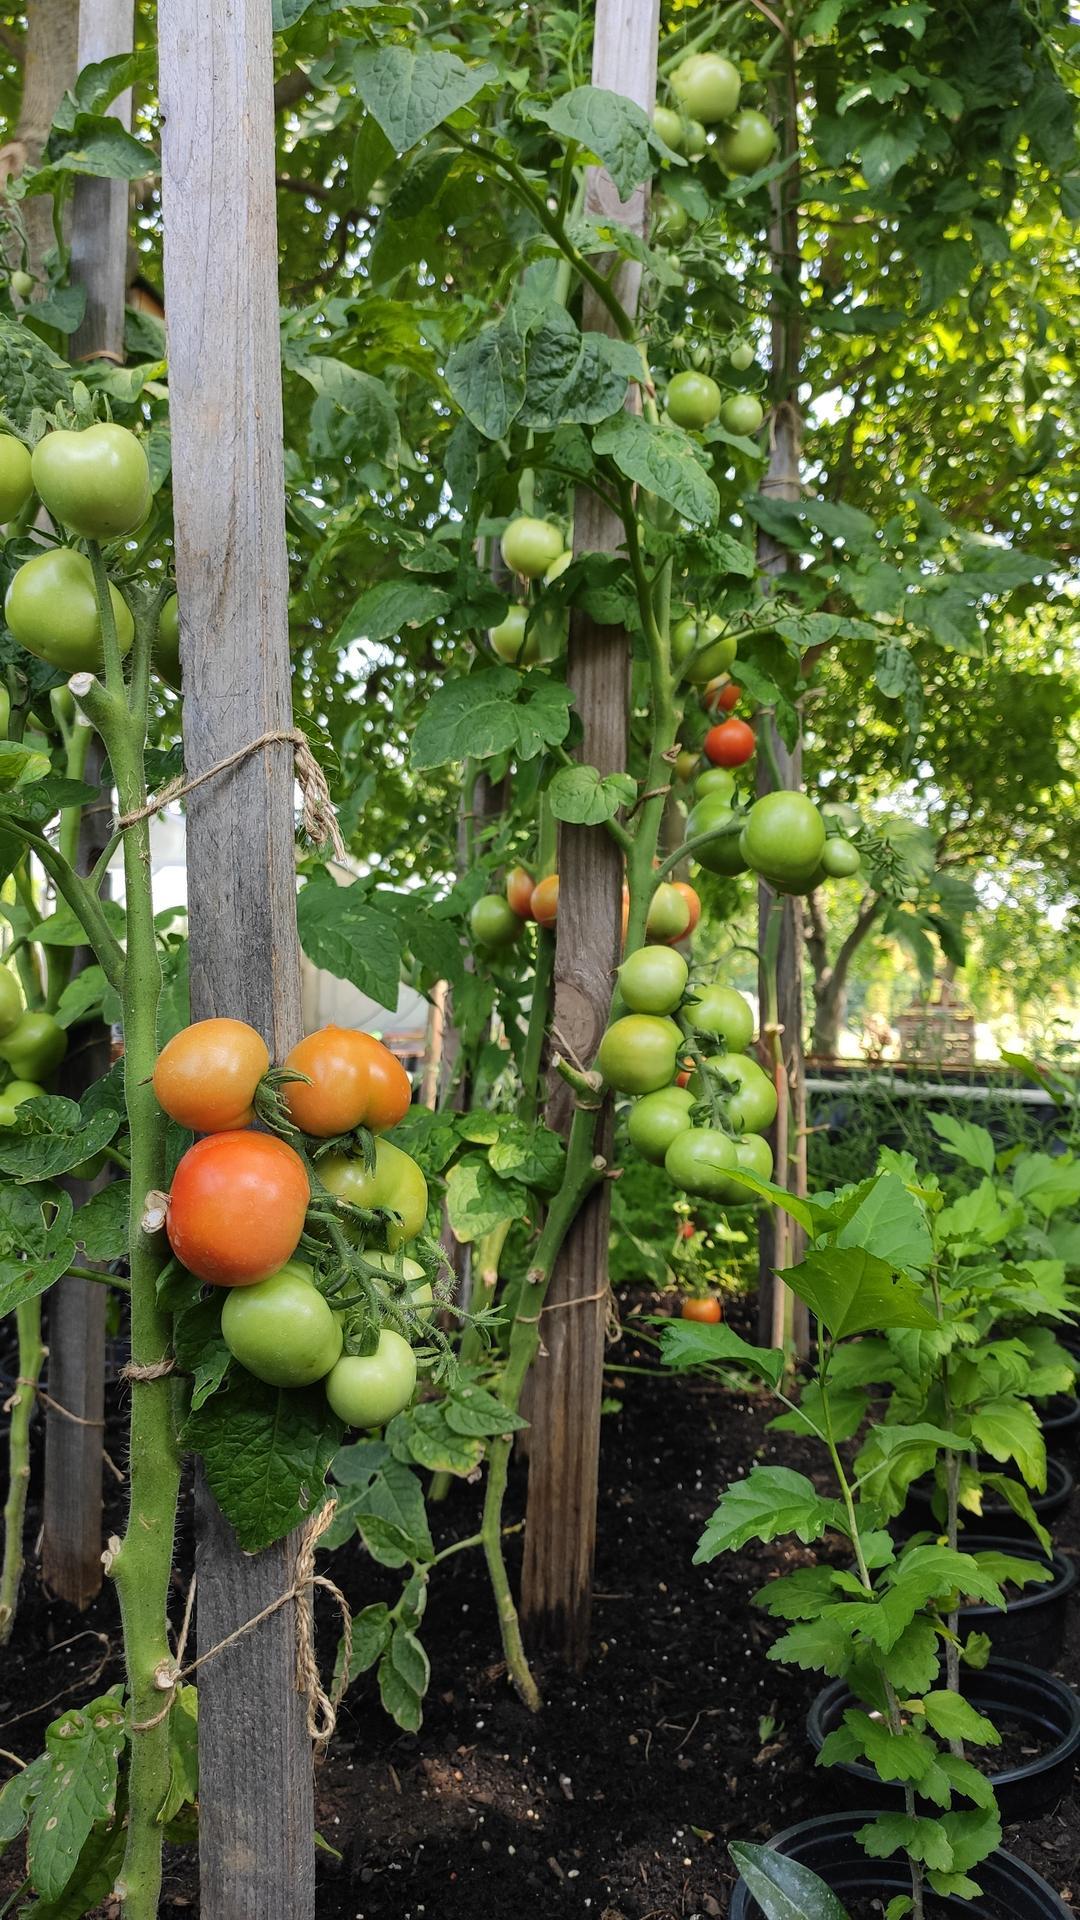 Vyvýšené záhony a úžitková záhrada - sezóna 2021 ... príprava, sadenie, starostlivosť - Obrázok č. 58